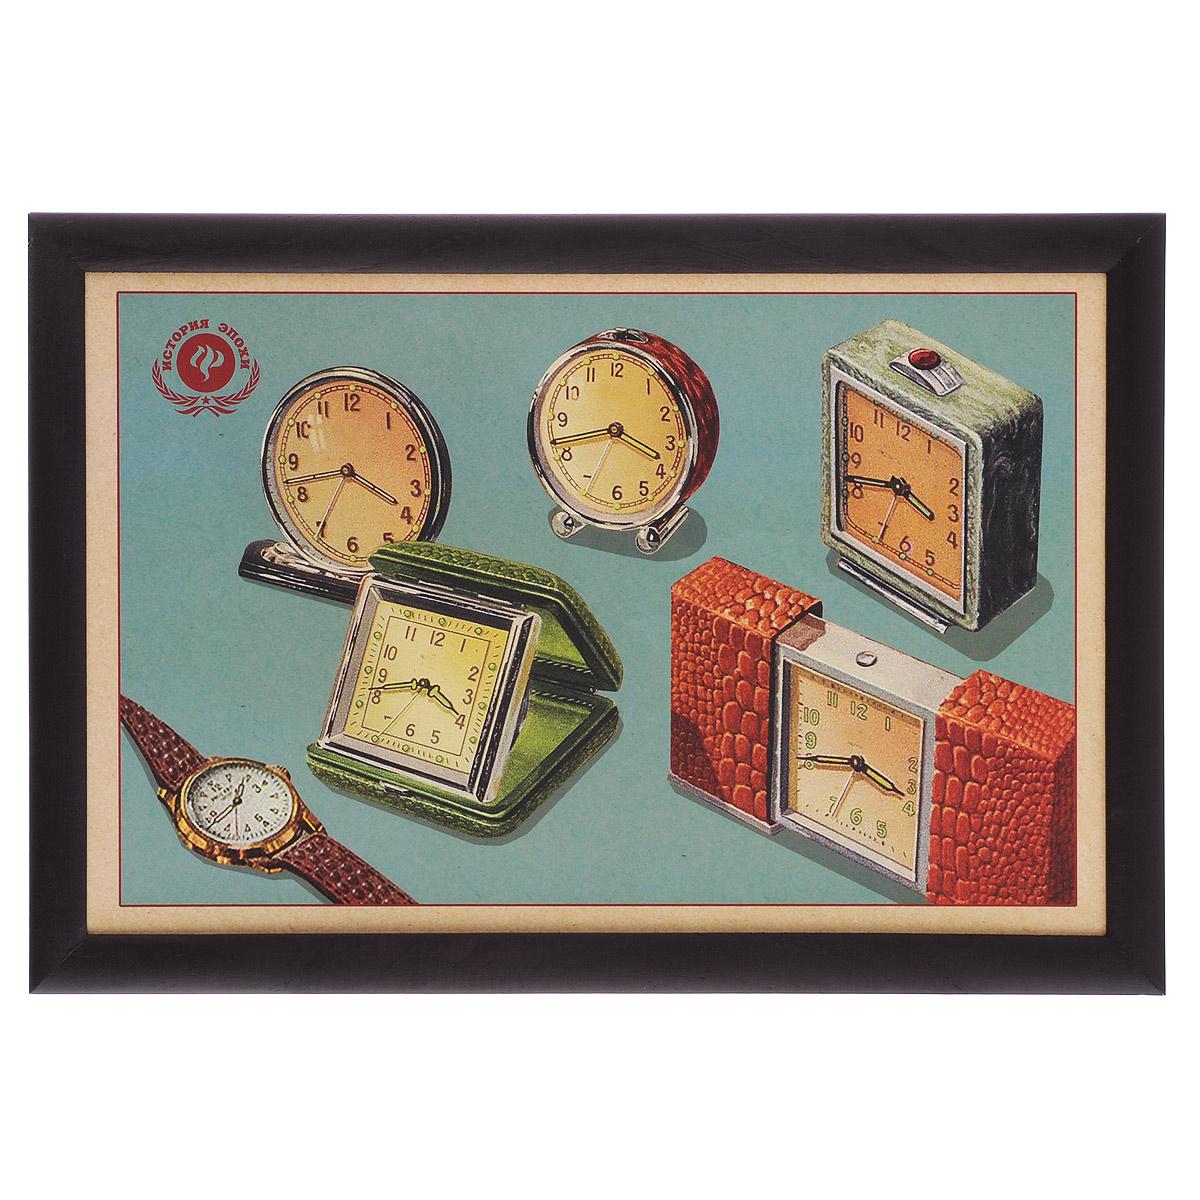 Поднос-столик Феникс-презент Ретро-часы, с мягким основанием, 41 х 28 см 3737737377Поднос-столик Феникс-презент Ретро-часы изготовлен из дерева (столешница из мдф, рамка из сосны) и оформлен оригинальным изображением часов и будильников в стиле ретро. Основание подноса выполнено в виде подушки, наполненной пенополистиролом. Такой поднос очень функционален: его можно использовать в качестве подноса для еды или подставки для ноутбука. Он удобно и устойчиво размещается на коленях или диване, так как подушка столика принимает форму поверхности.Размер подноса-столика: 41 см х 28 см х 5 см.Внутренний размер подноса: 37 см х 23,5 см.